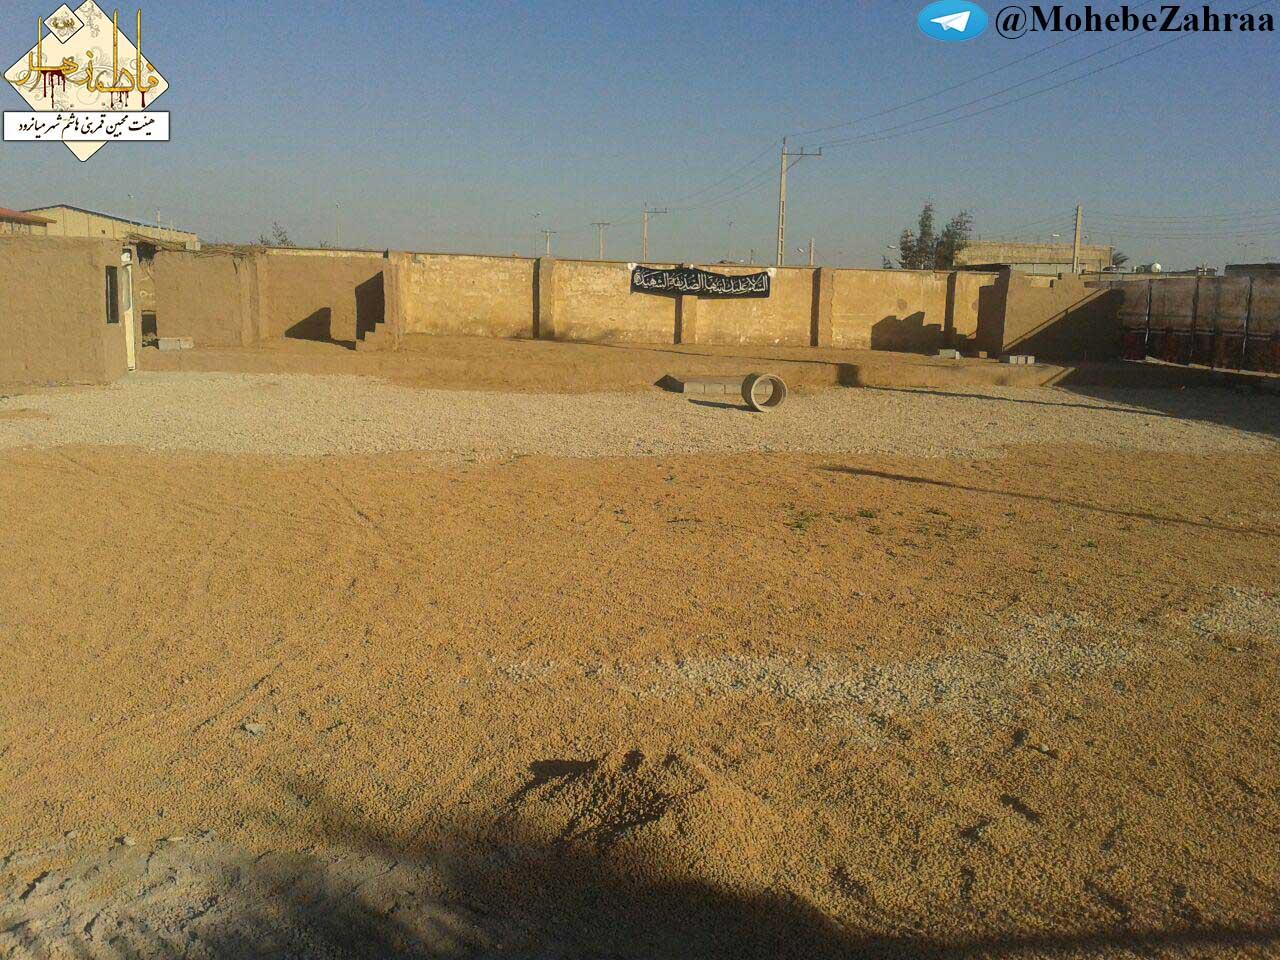 تصاویر ساخت محل عزاداری و نمایشنامه یاس کبود شهر میانرود